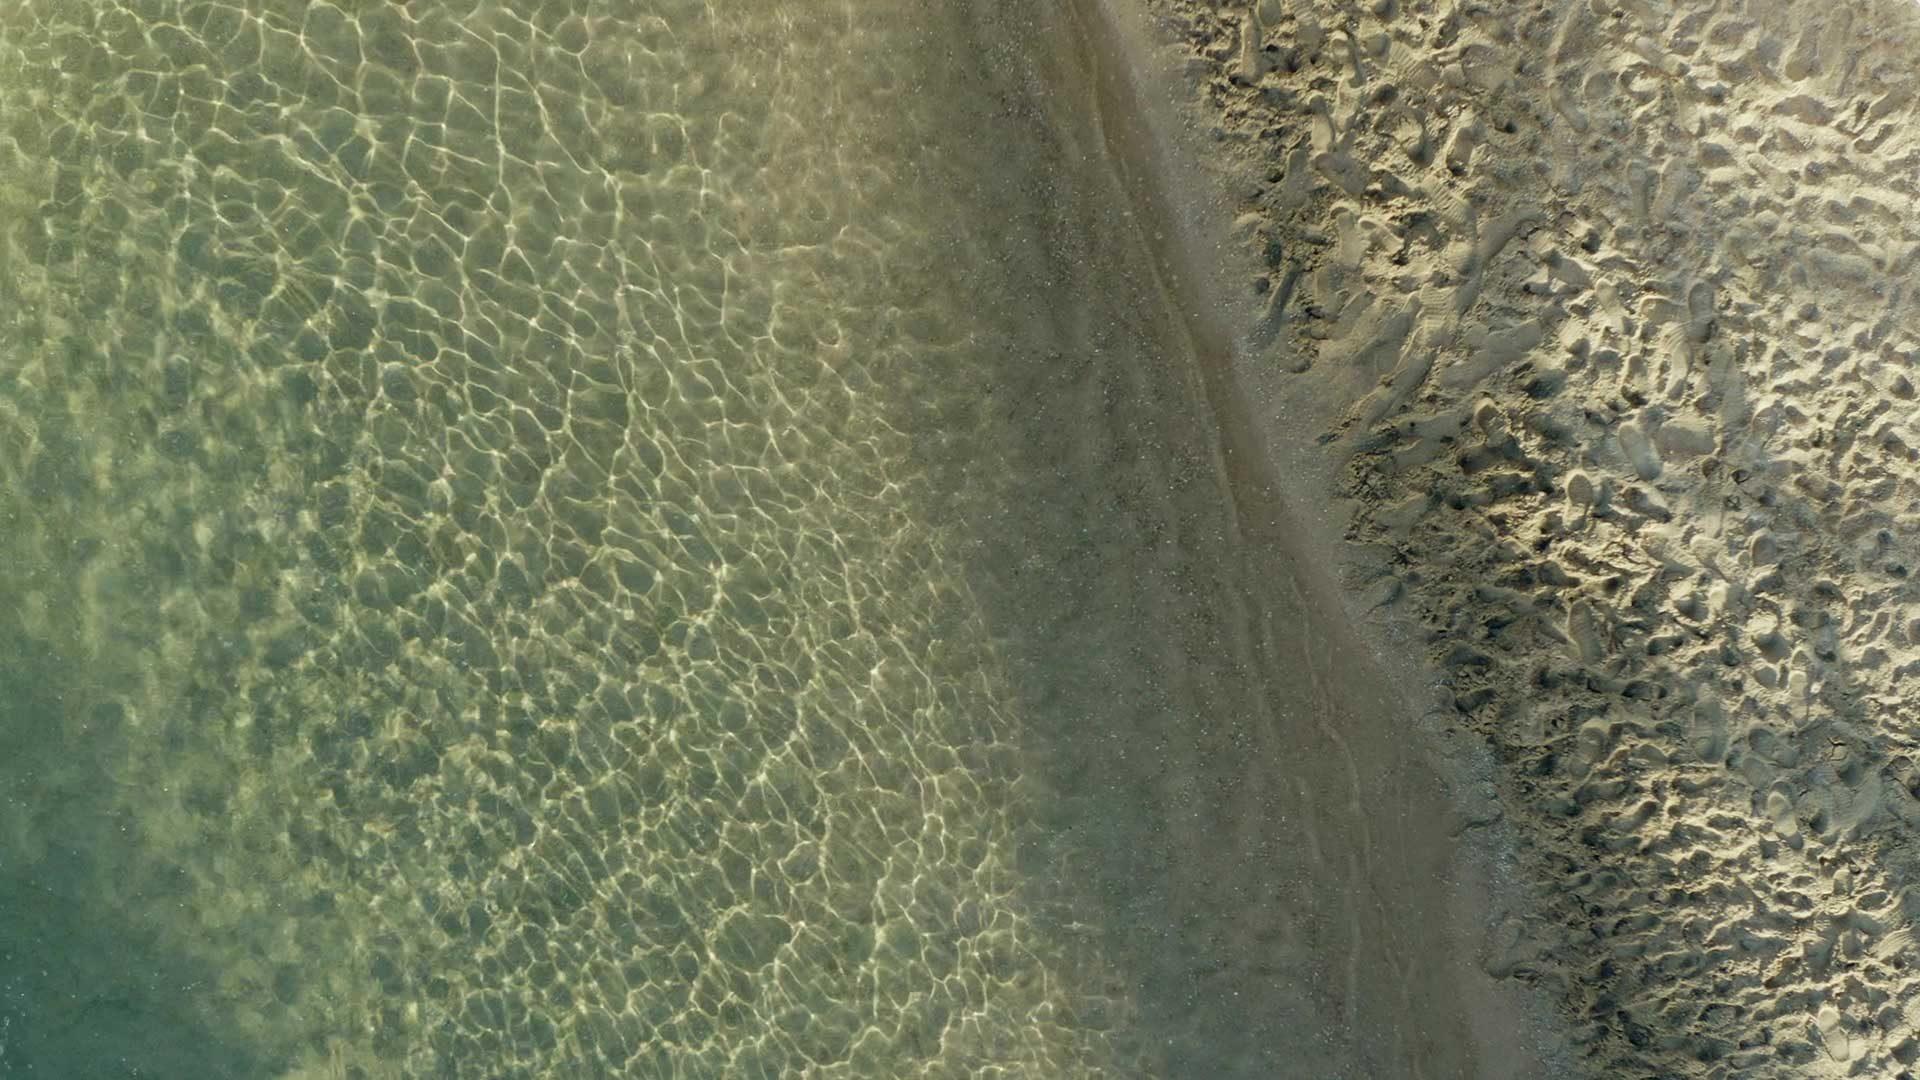 Piscines à fond de sable